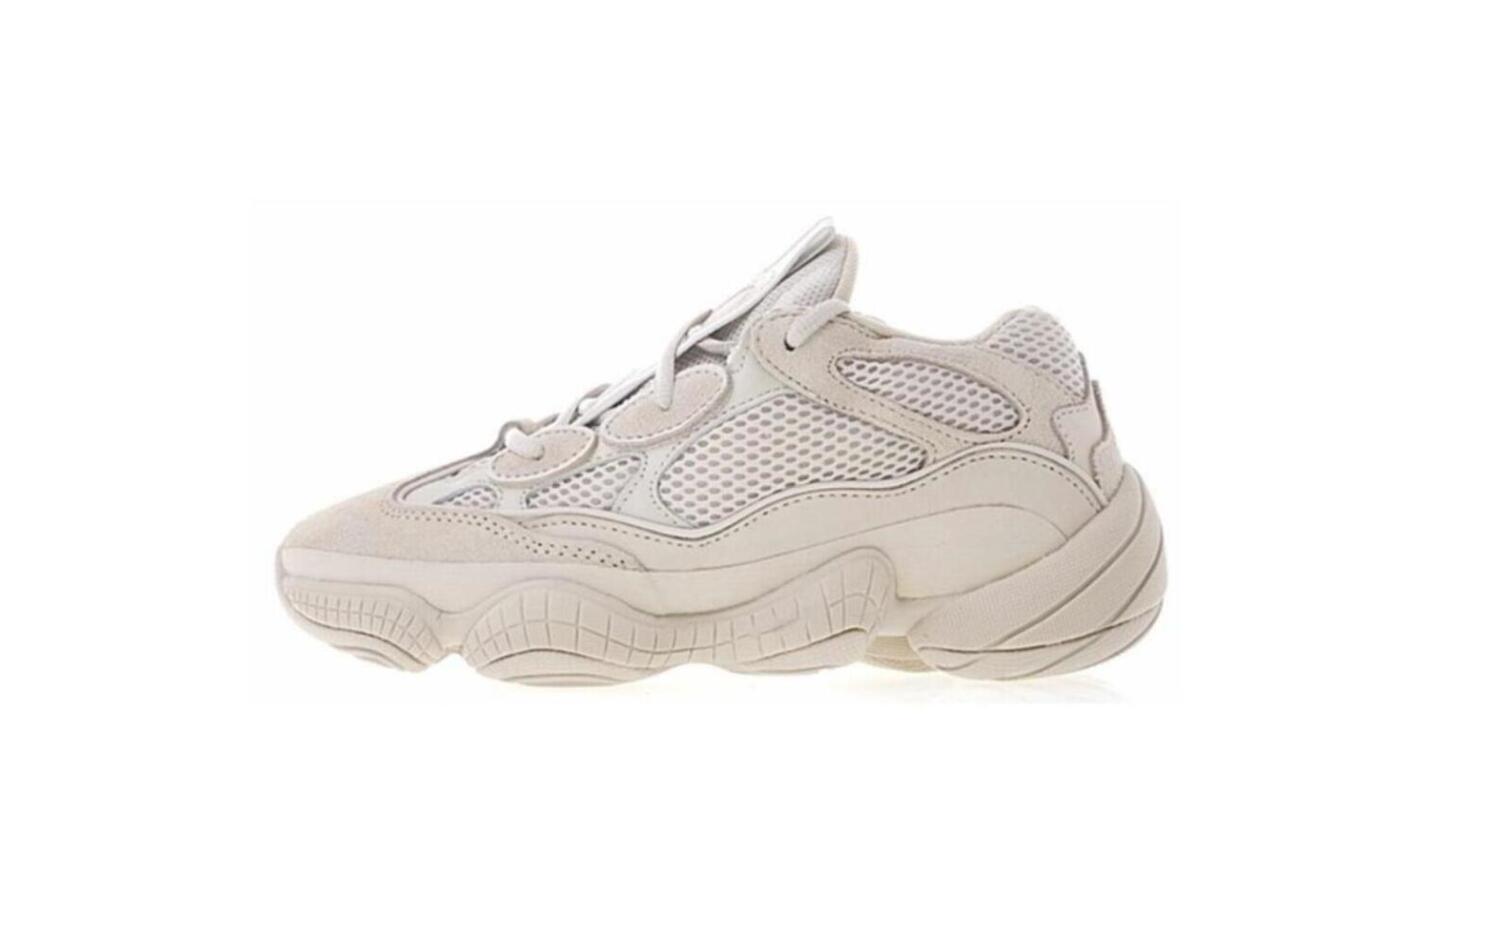 Com Box 2019 novo Kanye West 500 desenhista calça sapatas Running Utility Black Salt Super Lua amarela Blush Esporte Sneakers Tamanho 36-46 luoutdoor